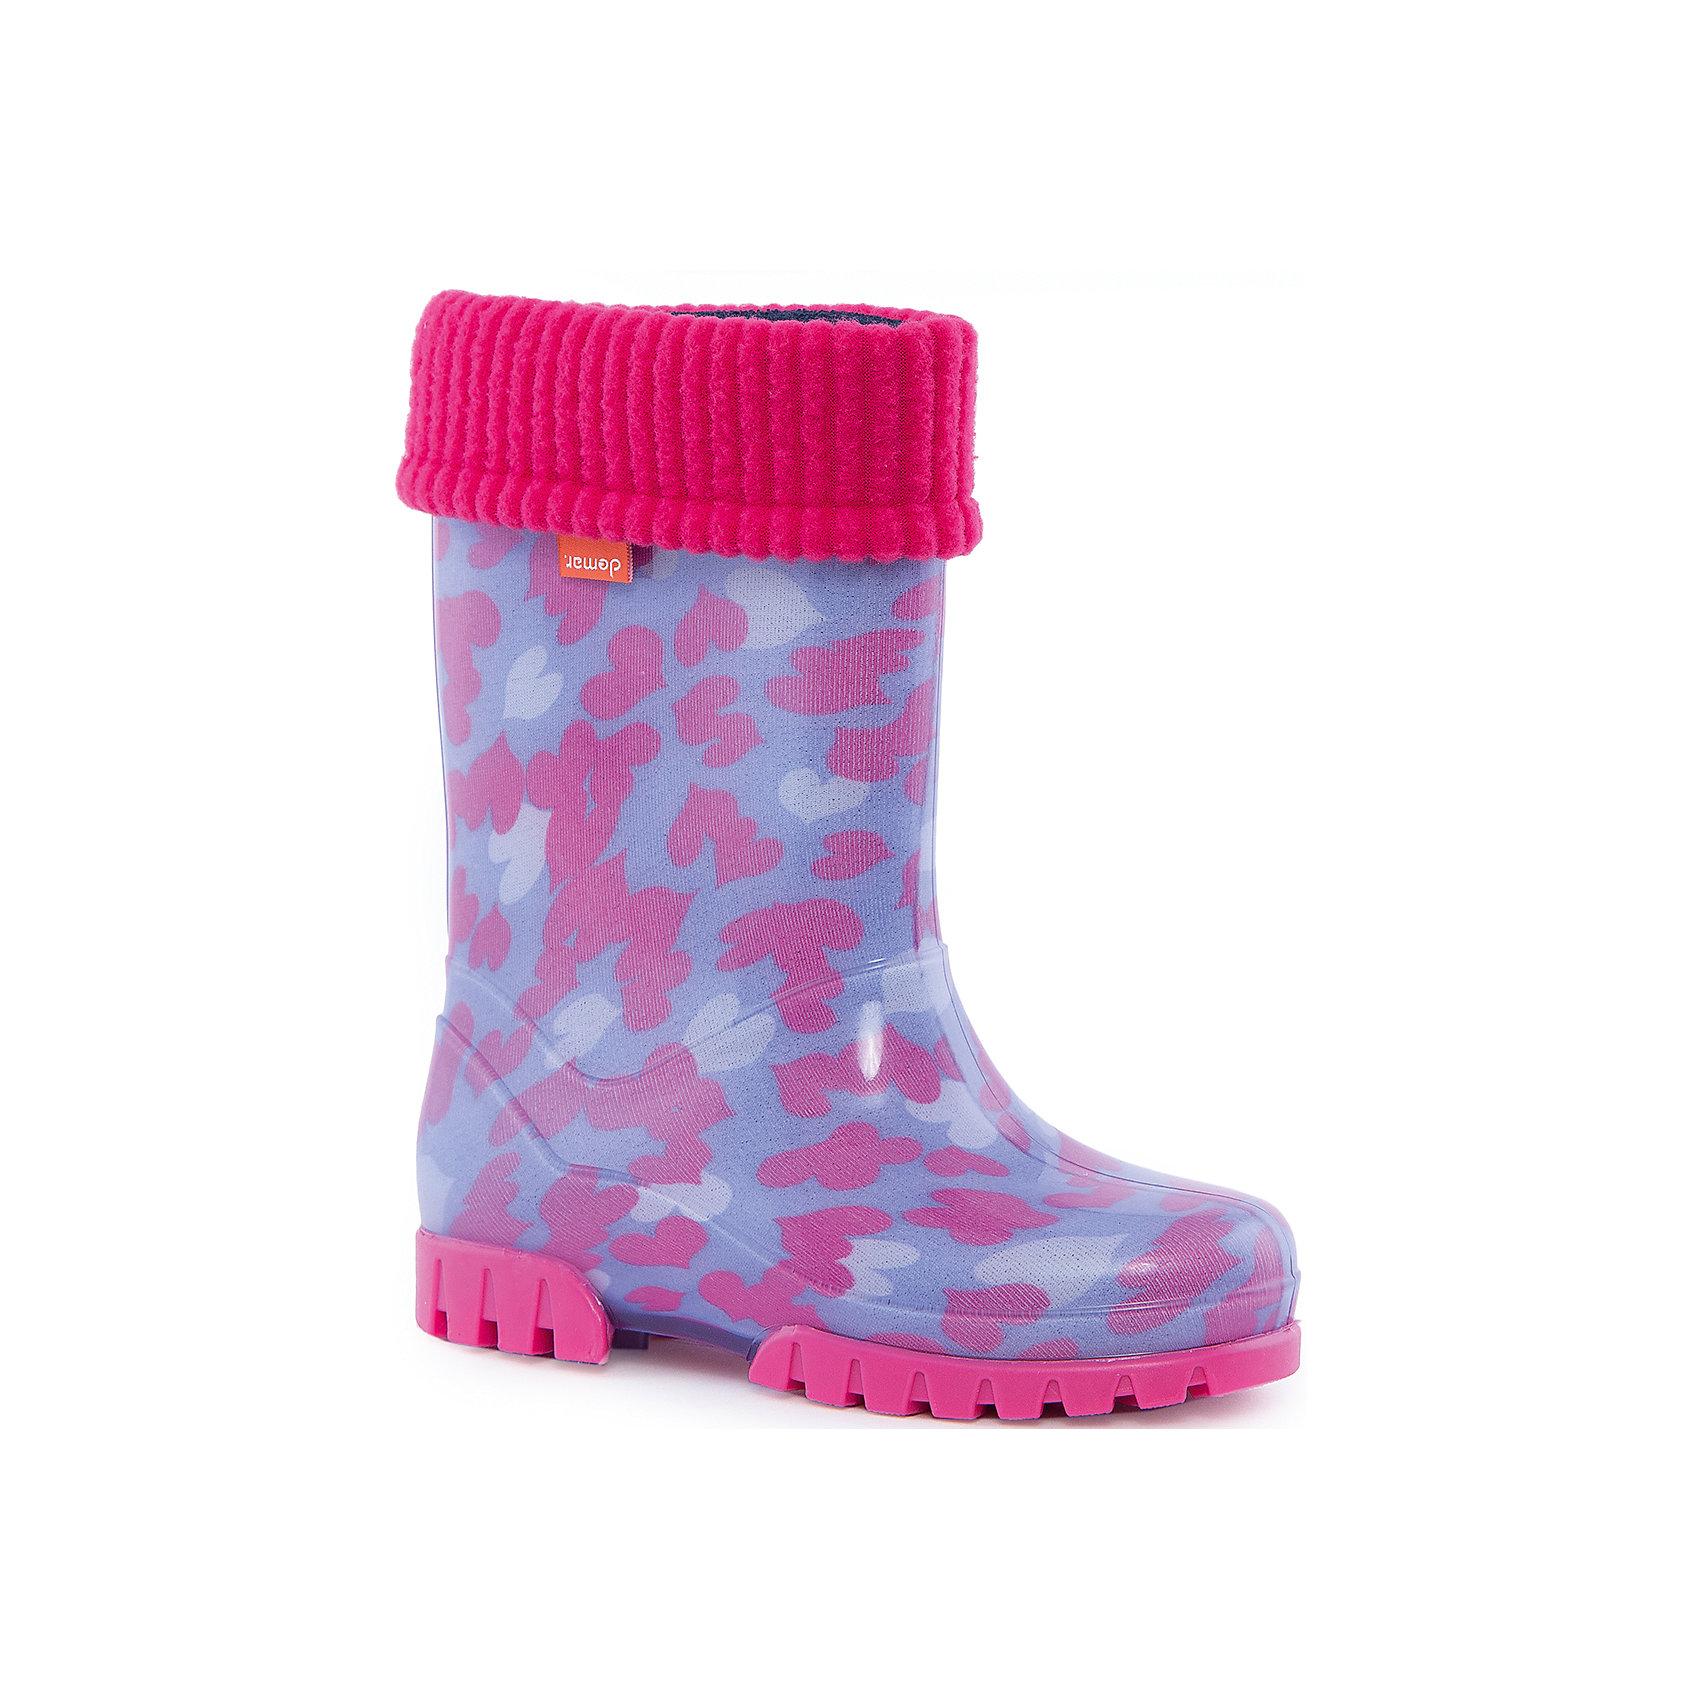 Резиновые сапоги Stormic Lux Print для девочки DEMARРезиновые сапоги<br>Характеристики товара:<br><br>• цвет: розовый/фиолетовый<br>• материал верха: ПВХ<br>• материал подкладки: текстиль <br>• материал подошвы: ПВХ<br>• температурный режим: от 0° до +15° С<br>• верх не продувается<br>• съемный чулок<br>• стильный дизайн<br>• страна бренда: Польша<br>• страна изготовитель: Польша<br><br>Осенью и весной ребенку не обойтись без непромокаемых сапожек! Чтобы не пропустить главные удовольствия межсезонья, нужно запастись удобной обувью. Такие сапожки обеспечат ребенку необходимый для активного отдыха комфорт, а подкладка из текстиля позволит ножкам оставаться теплыми. Сапожки легко надеваются и снимаются, отлично сидят на ноге. Они удивительно легкие!<br>Обувь от польского бренда Demar - это качественные товары, созданные с применением новейших технологий и с использованием как натуральных, так и высокотехнологичных материалов. Обувь отличается стильным дизайном и продуманной конструкцией. Изделие производится из качественных и проверенных материалов, которые безопасны для детей.<br><br>Сапожки от бренда Demar (Демар) можно купить в нашем интернет-магазине.<br><br>Ширина мм: 257<br>Глубина мм: 180<br>Высота мм: 130<br>Вес г: 420<br>Цвет: белый<br>Возраст от месяцев: 84<br>Возраст до месяцев: 96<br>Пол: Женский<br>Возраст: Детский<br>Размер: 30/31,32/33,28/29,34/35<br>SKU: 4576076